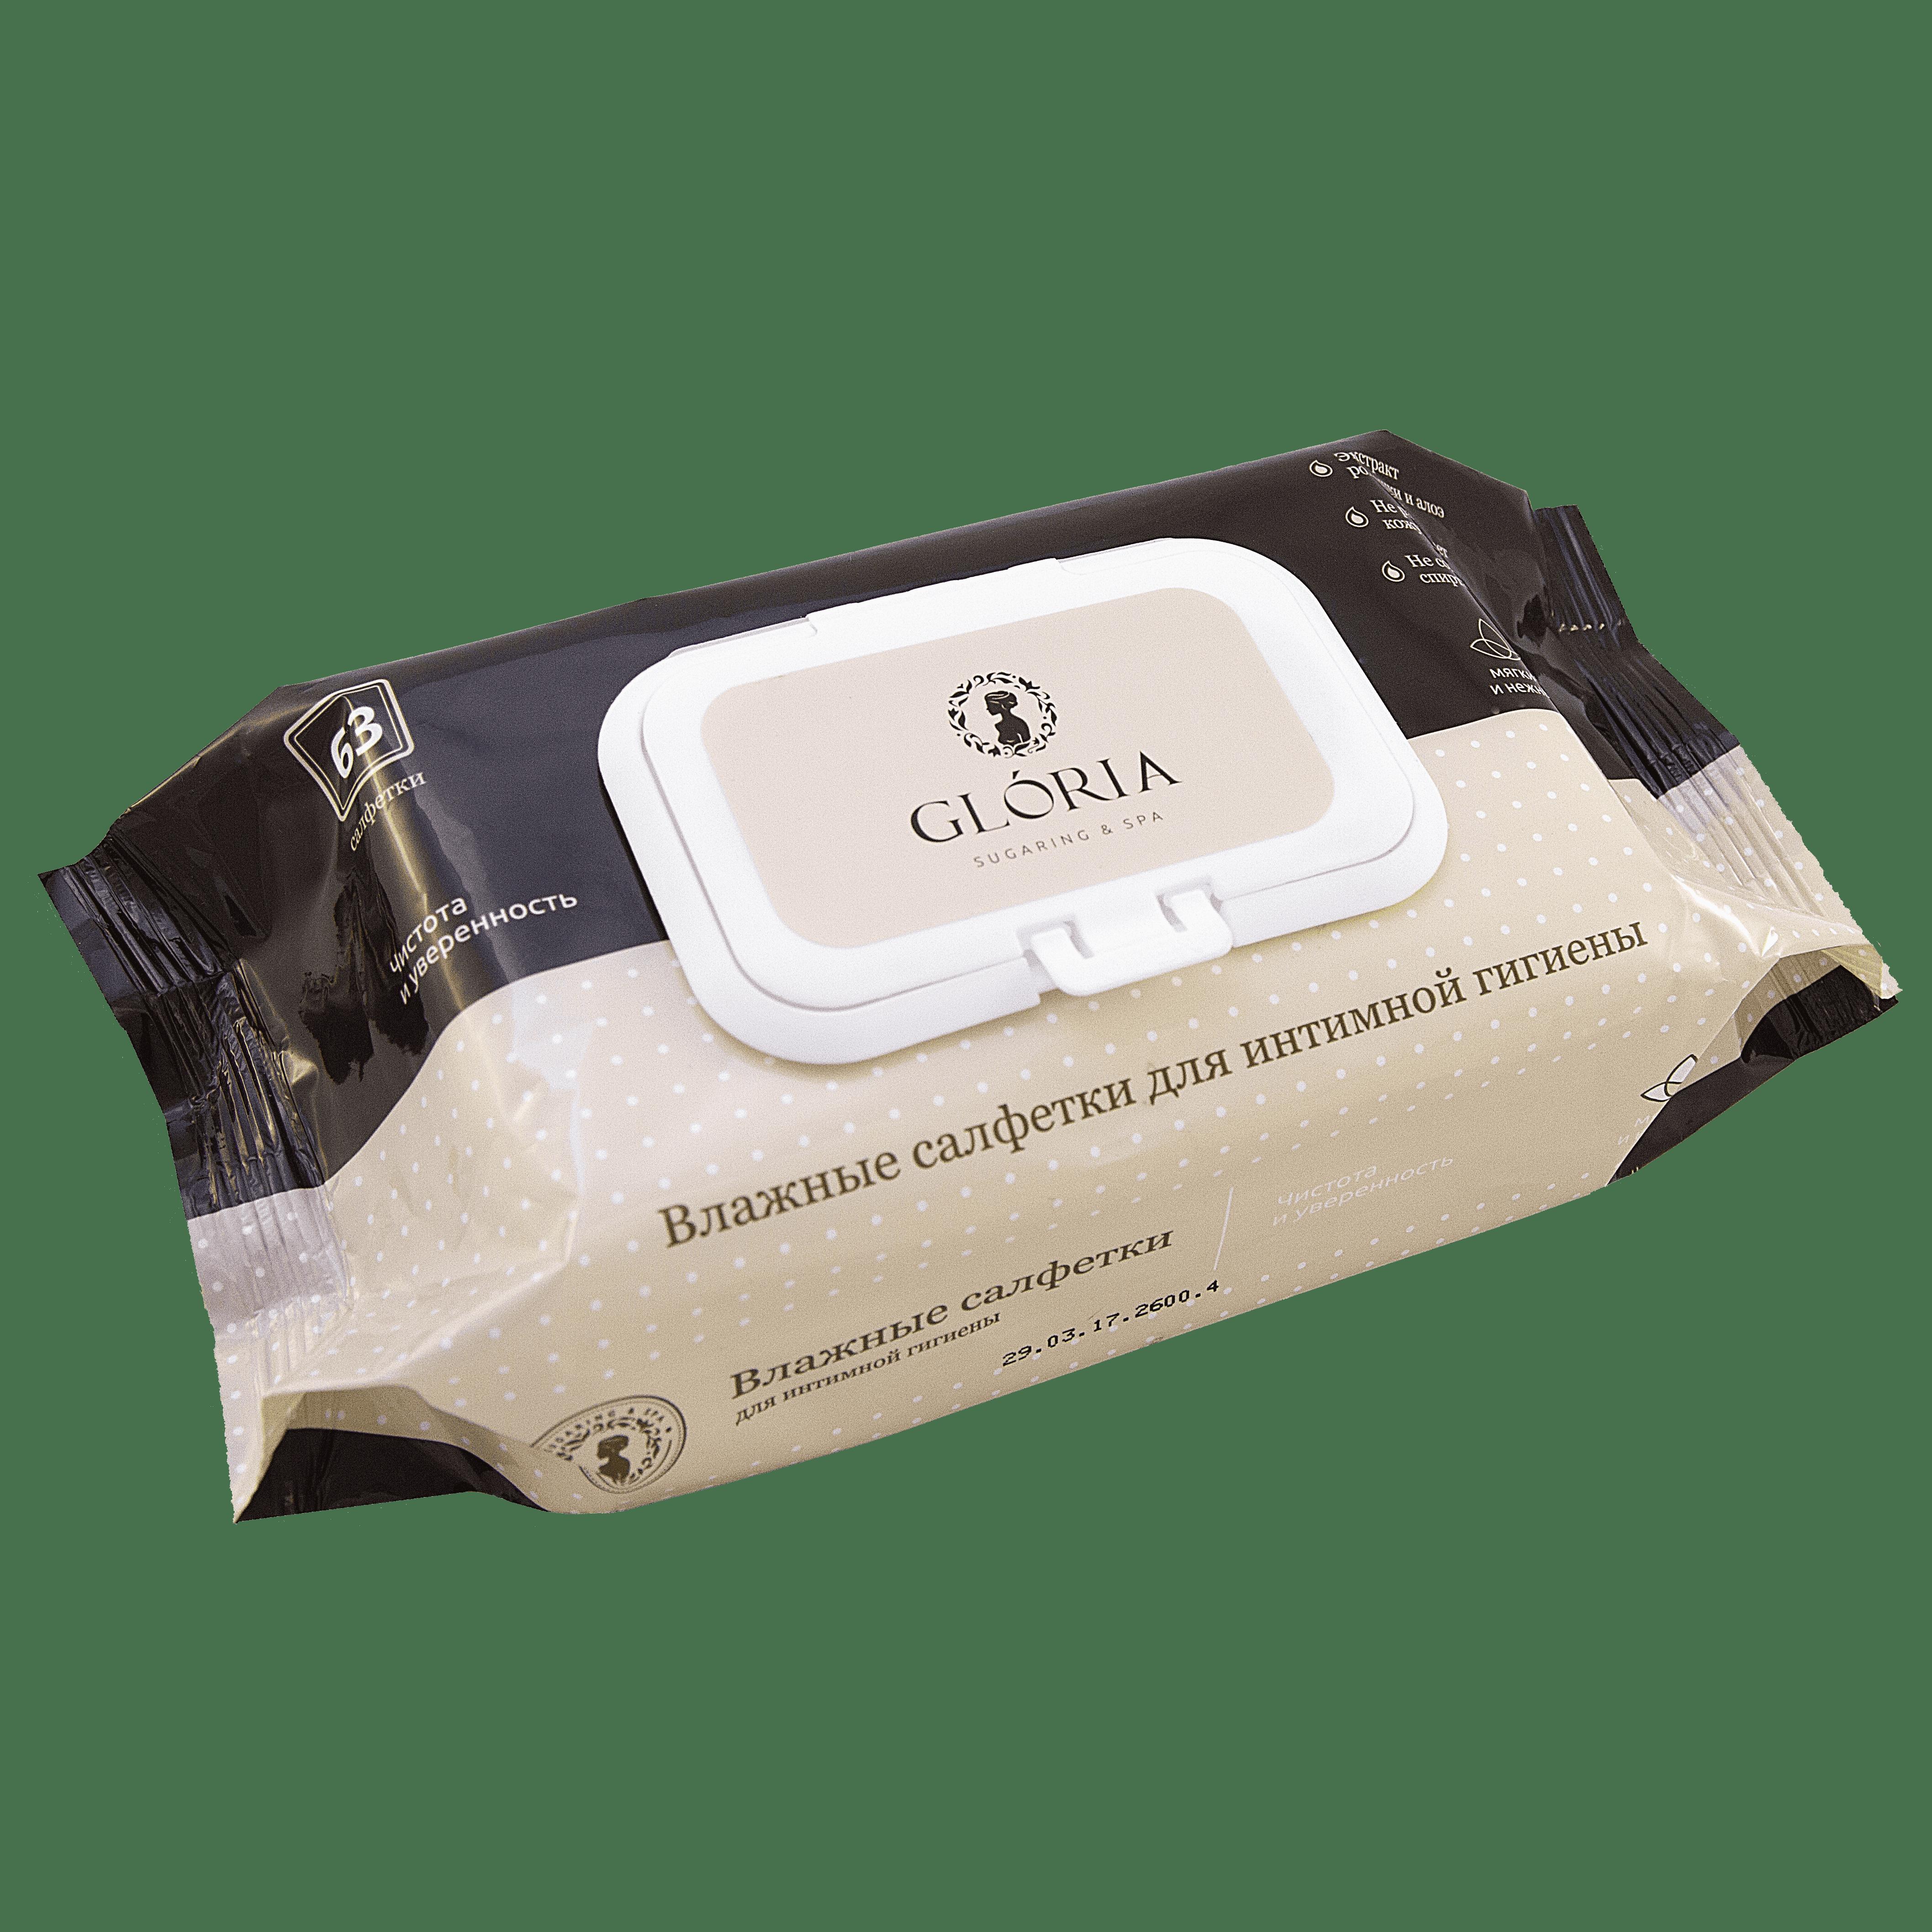 Gloria, Влажные салфетки для интимной гигиены, 63 шт/уп